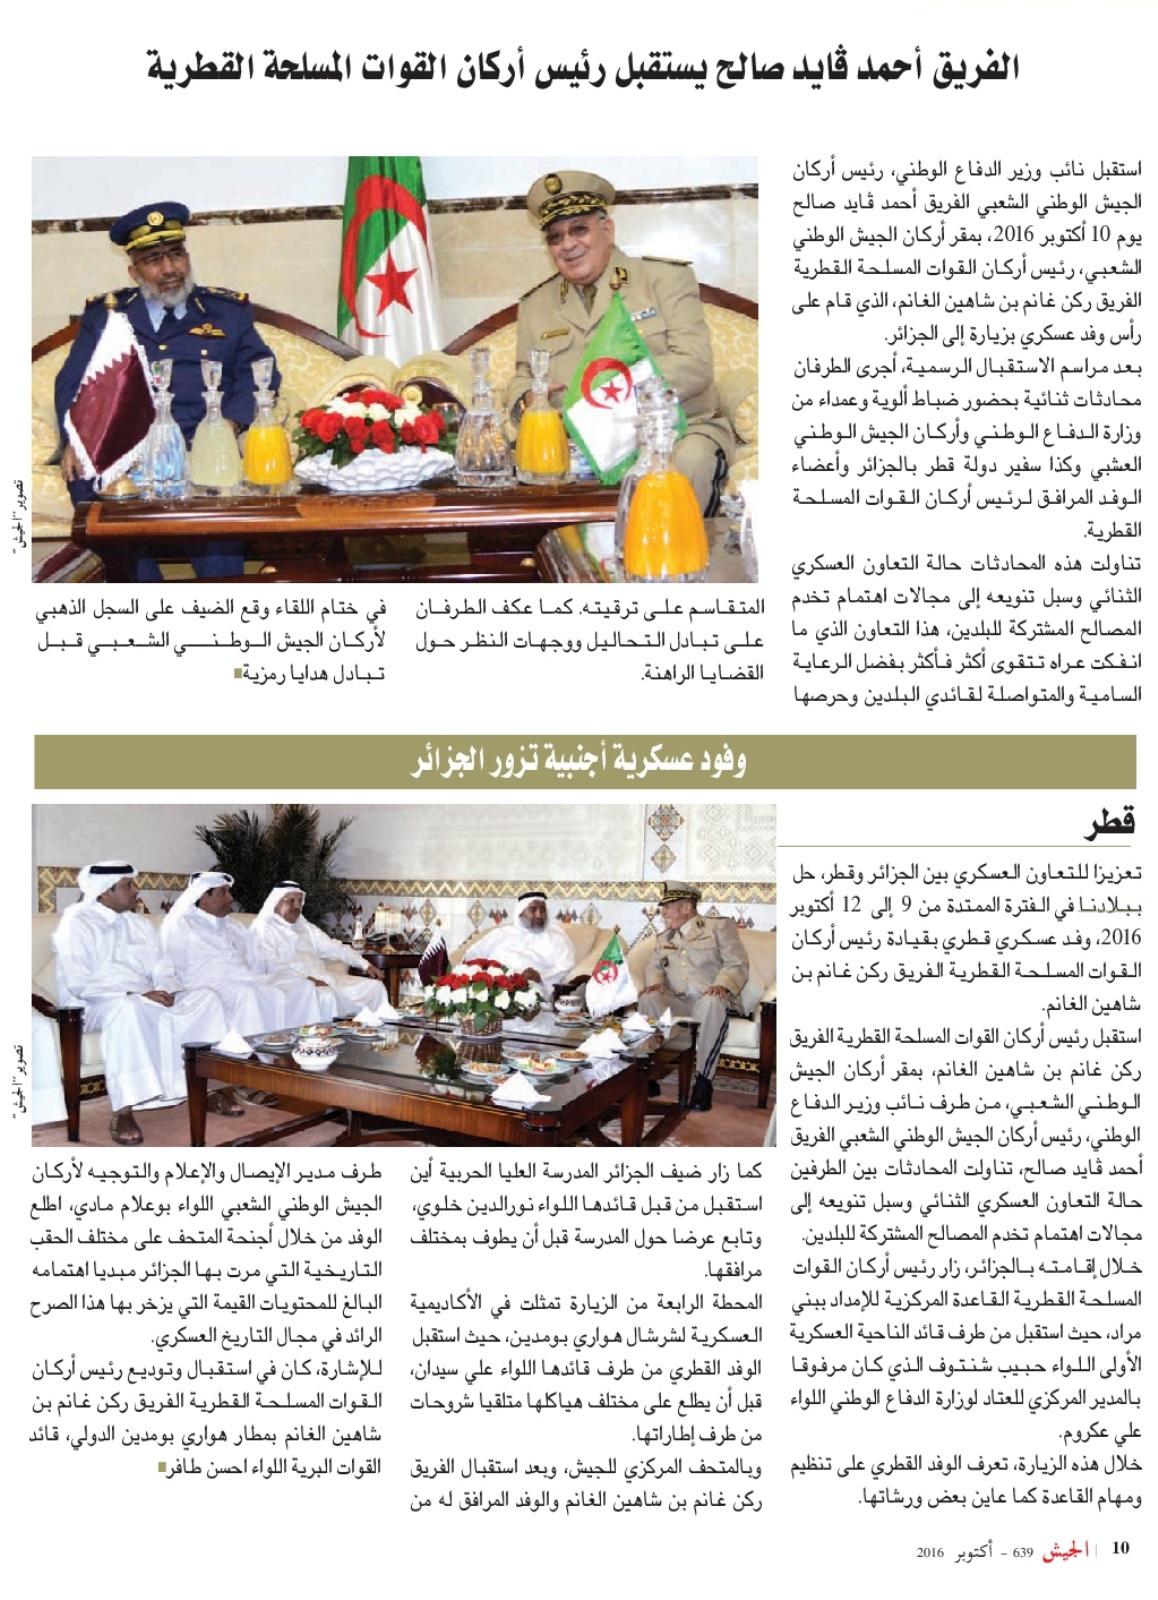 الجزائر : صلاحيات نائب وزير الدفاع الوطني - صفحة 5 30702813831_4252c855a0_o